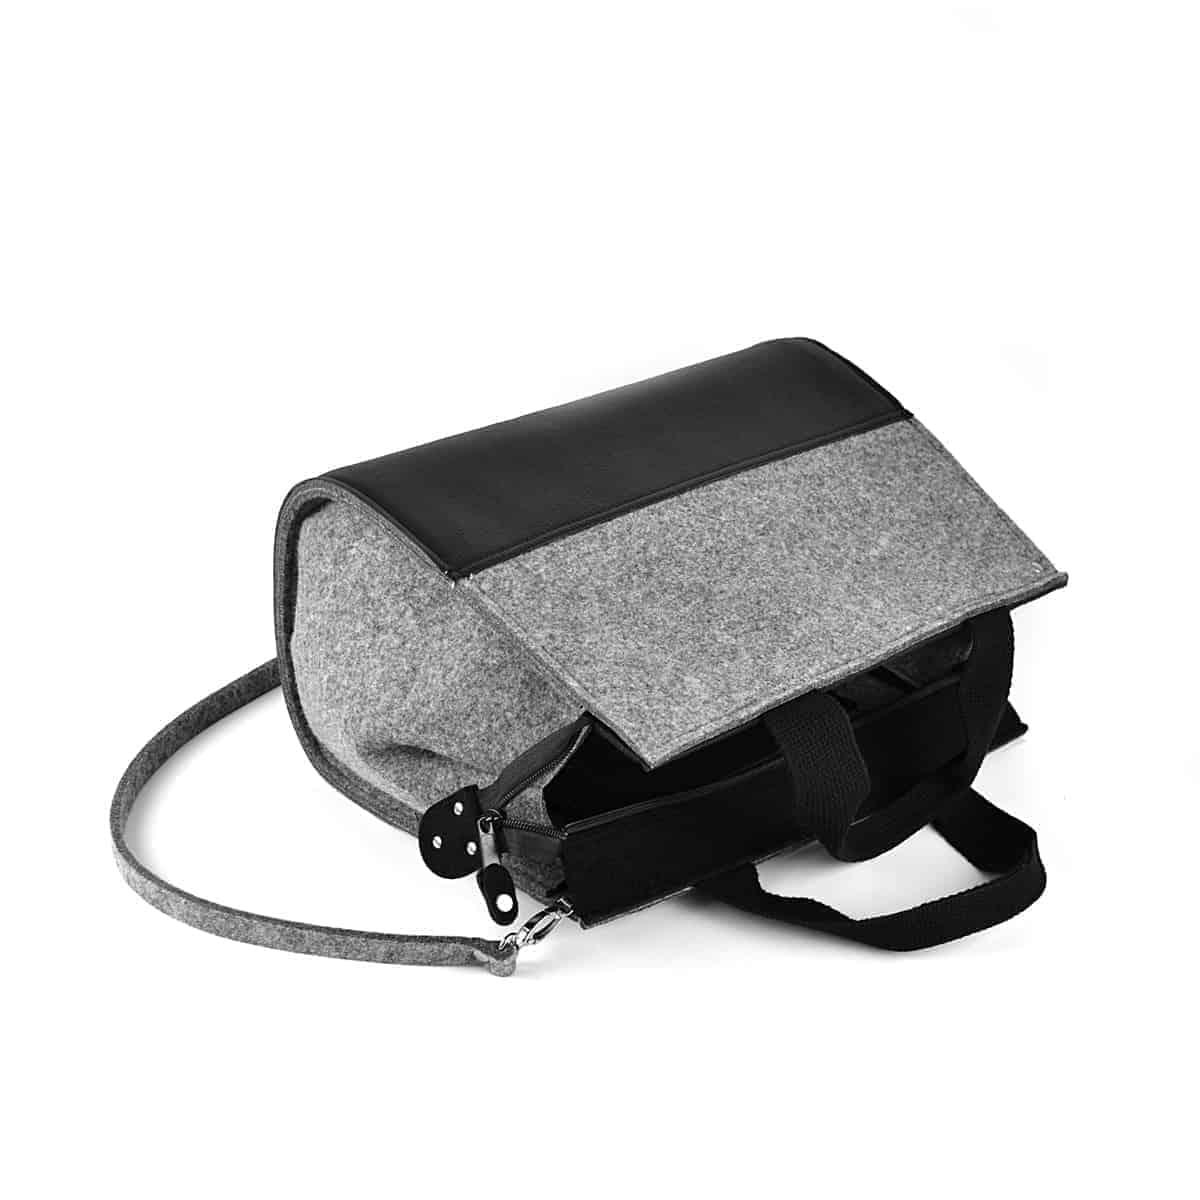 d750afdaeaf35 Szaro-czarna filcowa torebka BlackShell - FELT LABEL